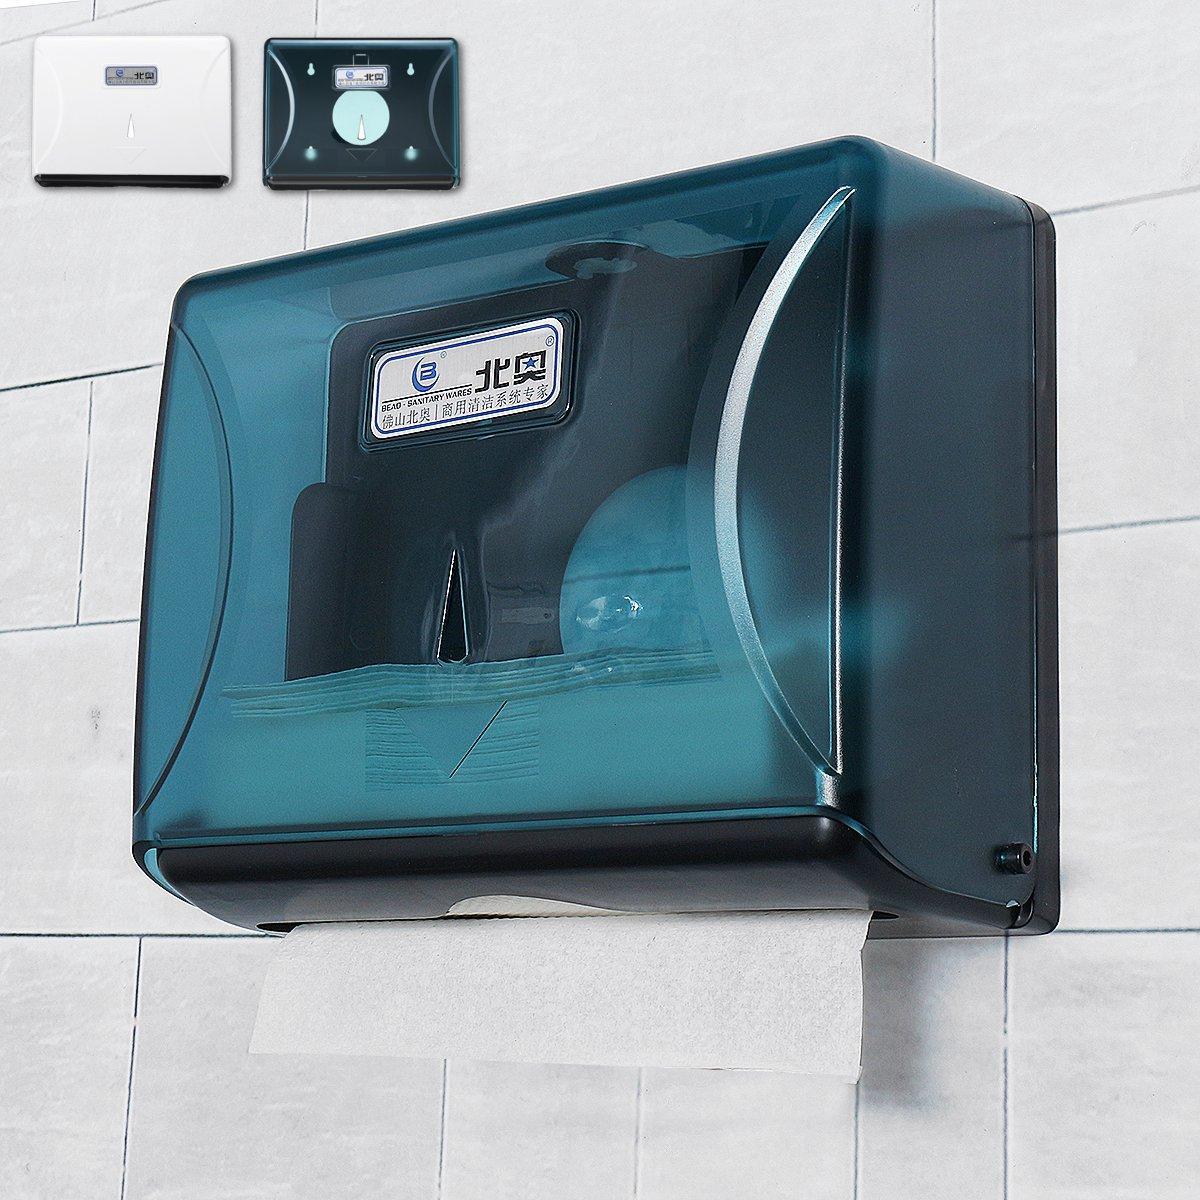 Toilet Hand Paper Towel Dispenser Tissue Holder Wall Mounted Shelf Bathroom Box Kit